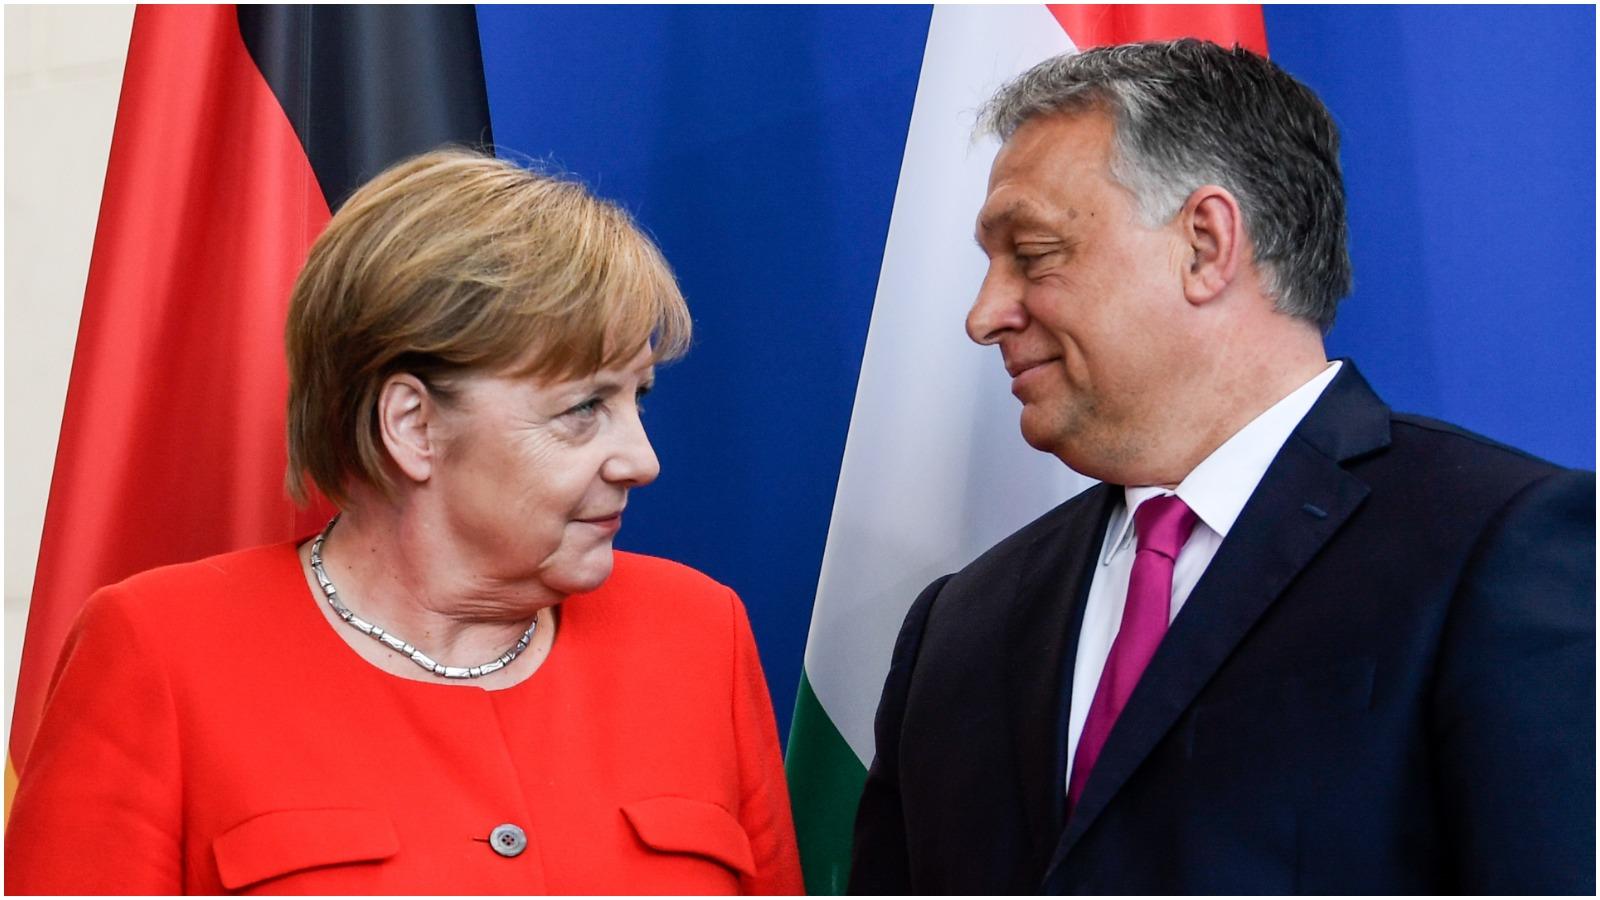 Ota Tiefenböck: Har Øst- eller Vesteuropa draget mest nytte af EU's udvidelser mod øst?